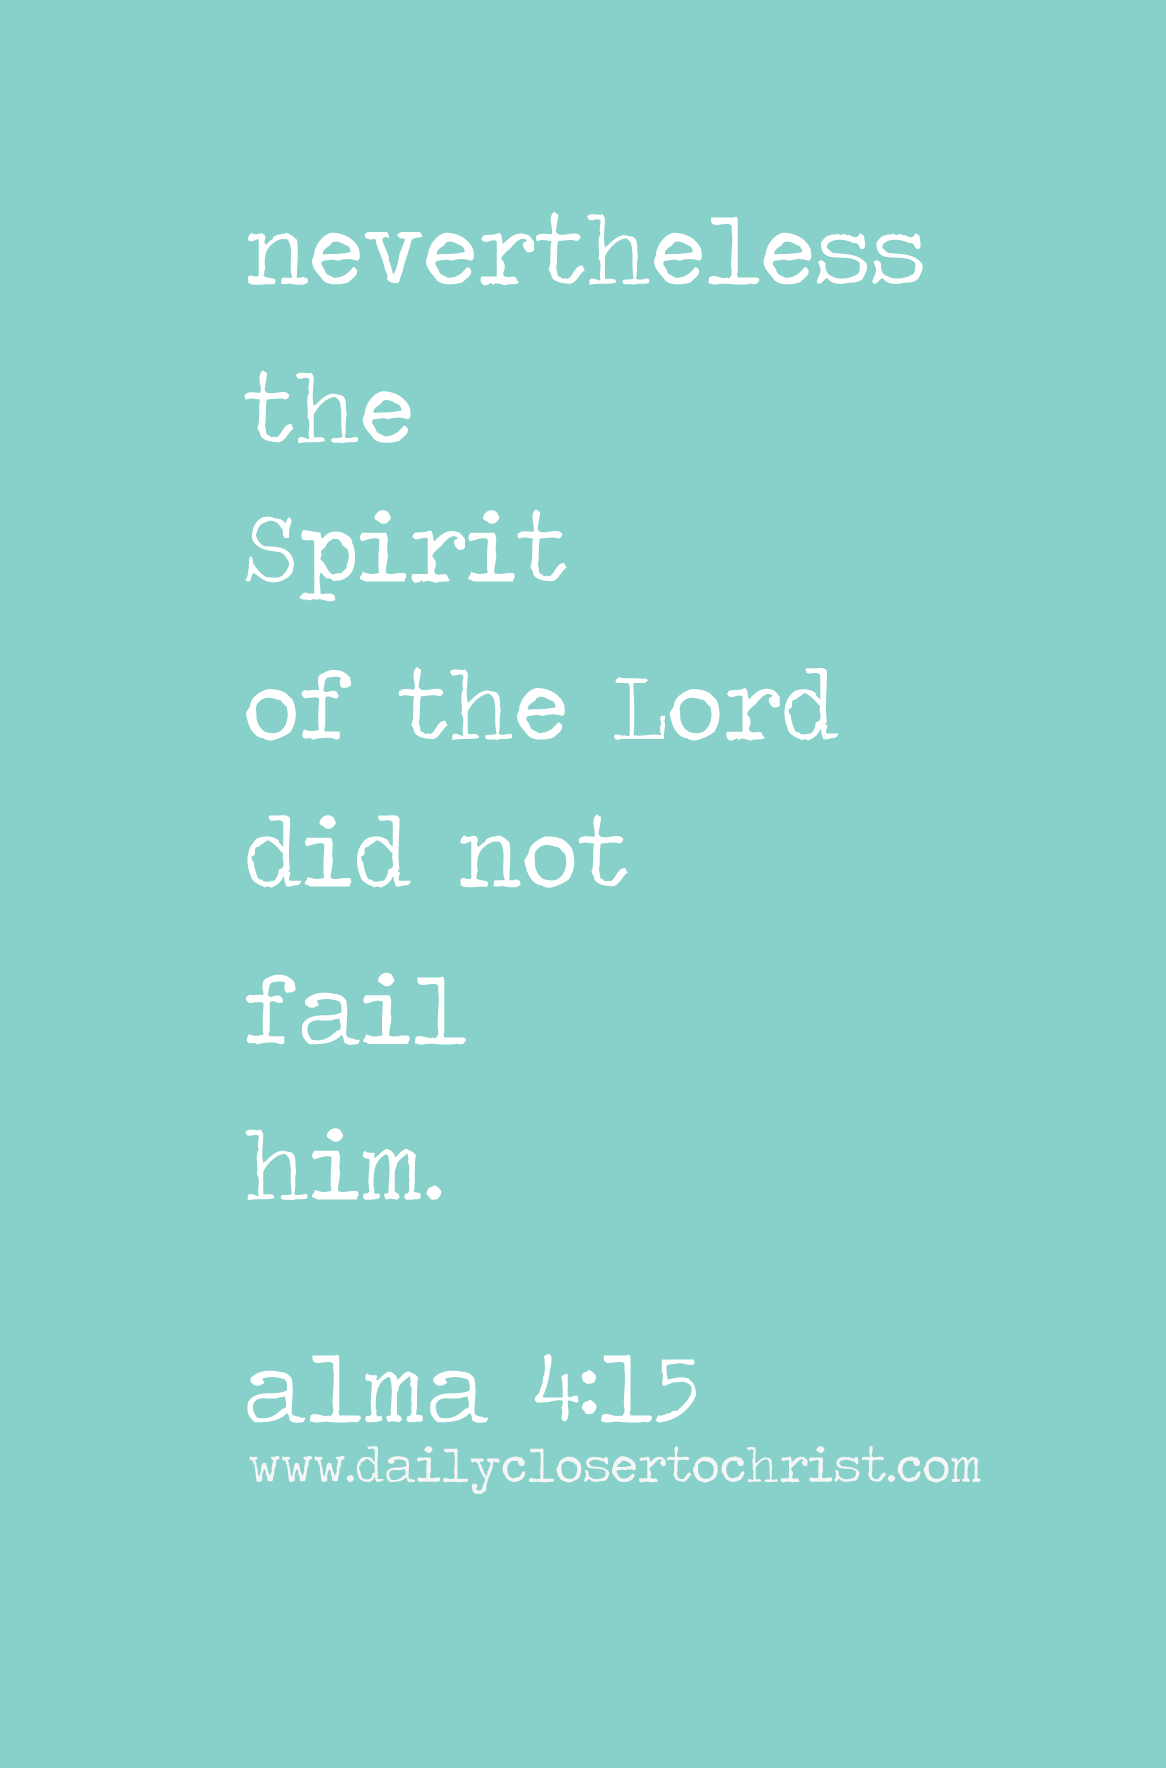 Spirit did not fail